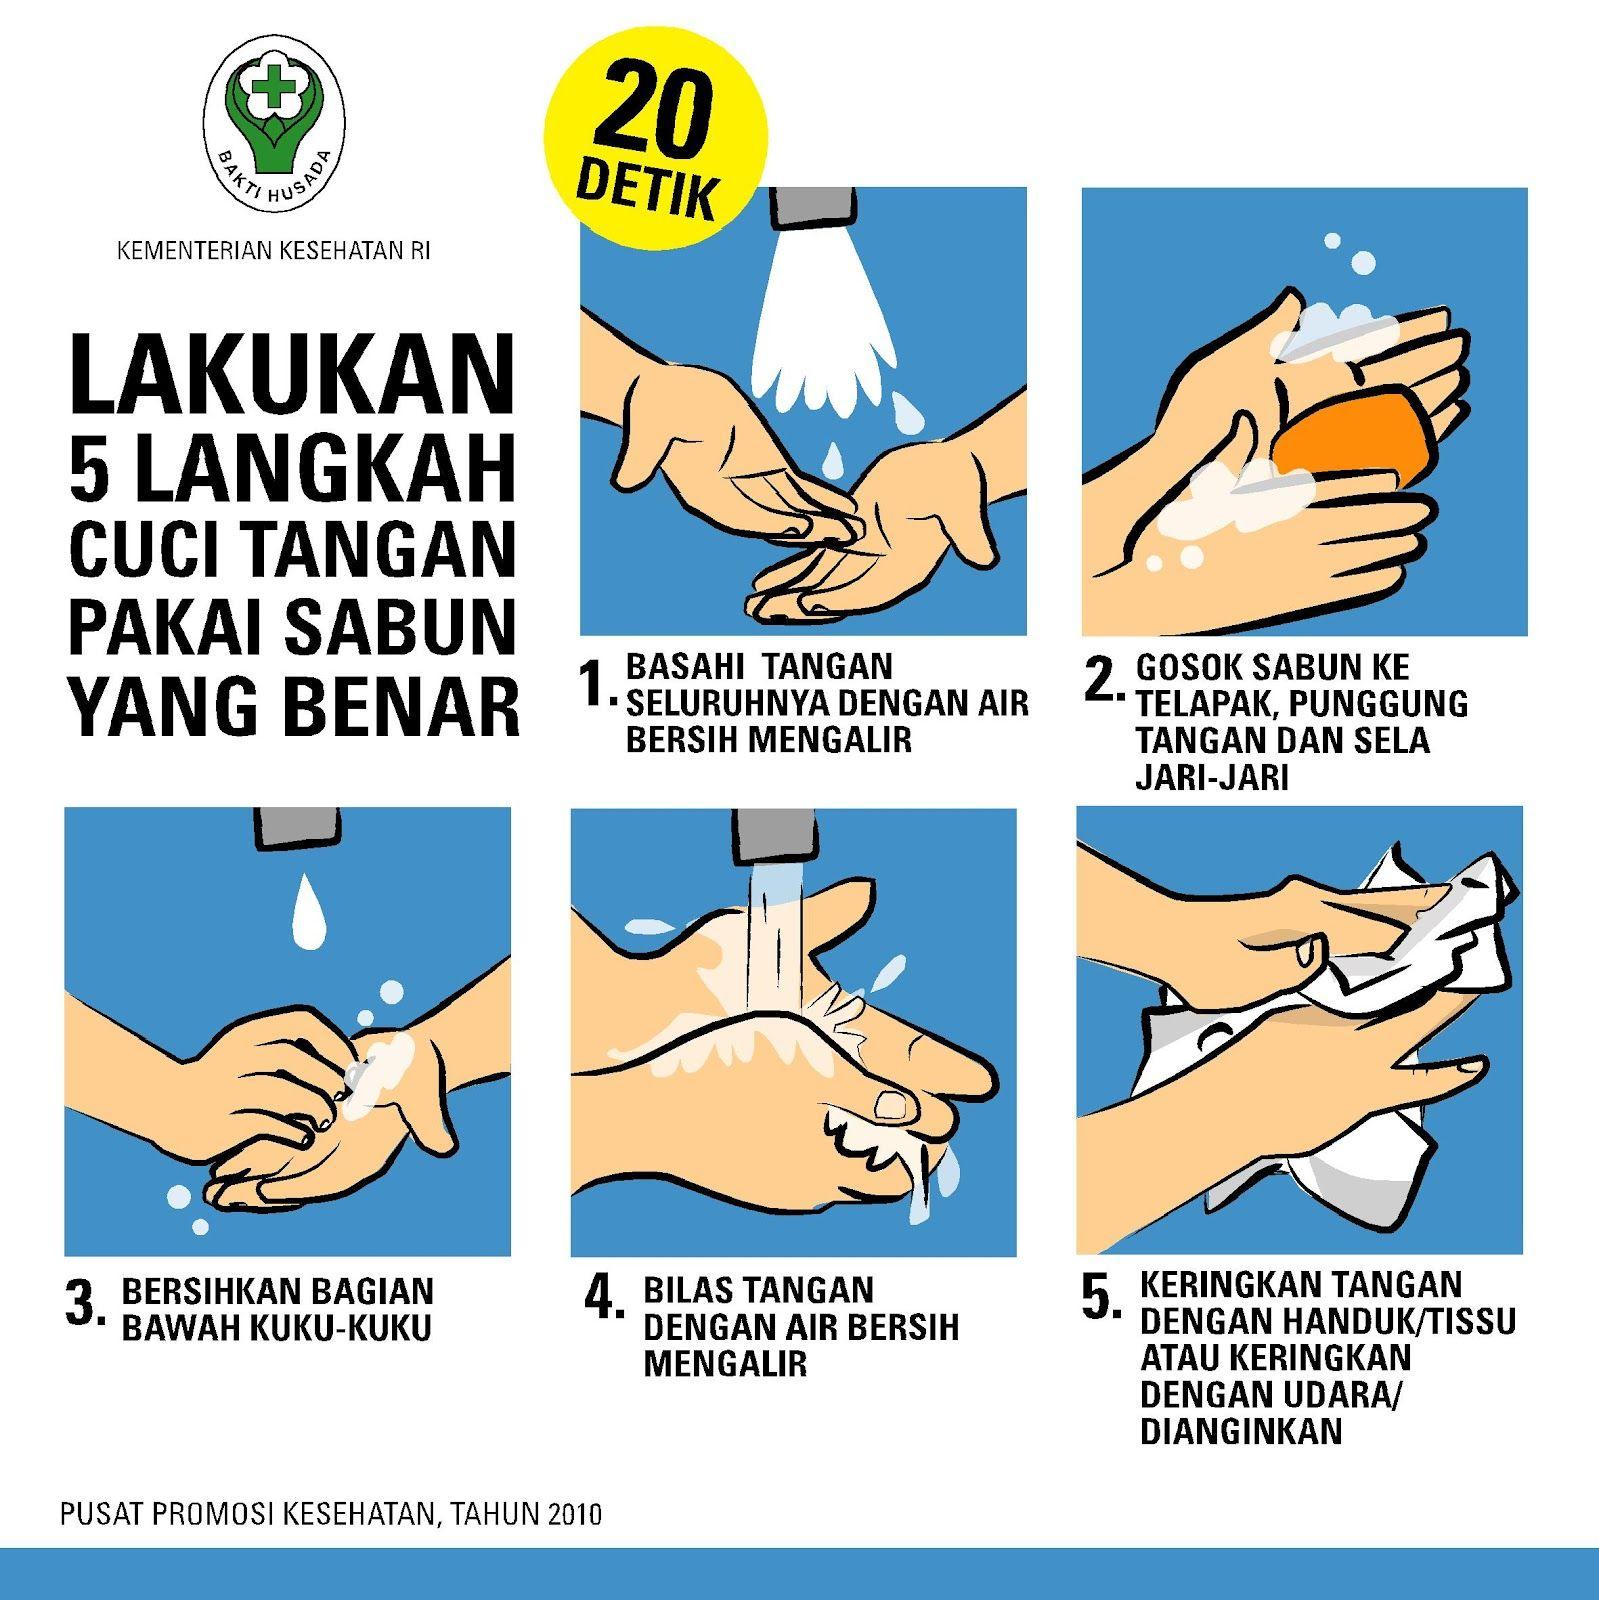 16+ Langkah langkah cara mencuci tangan inspirations